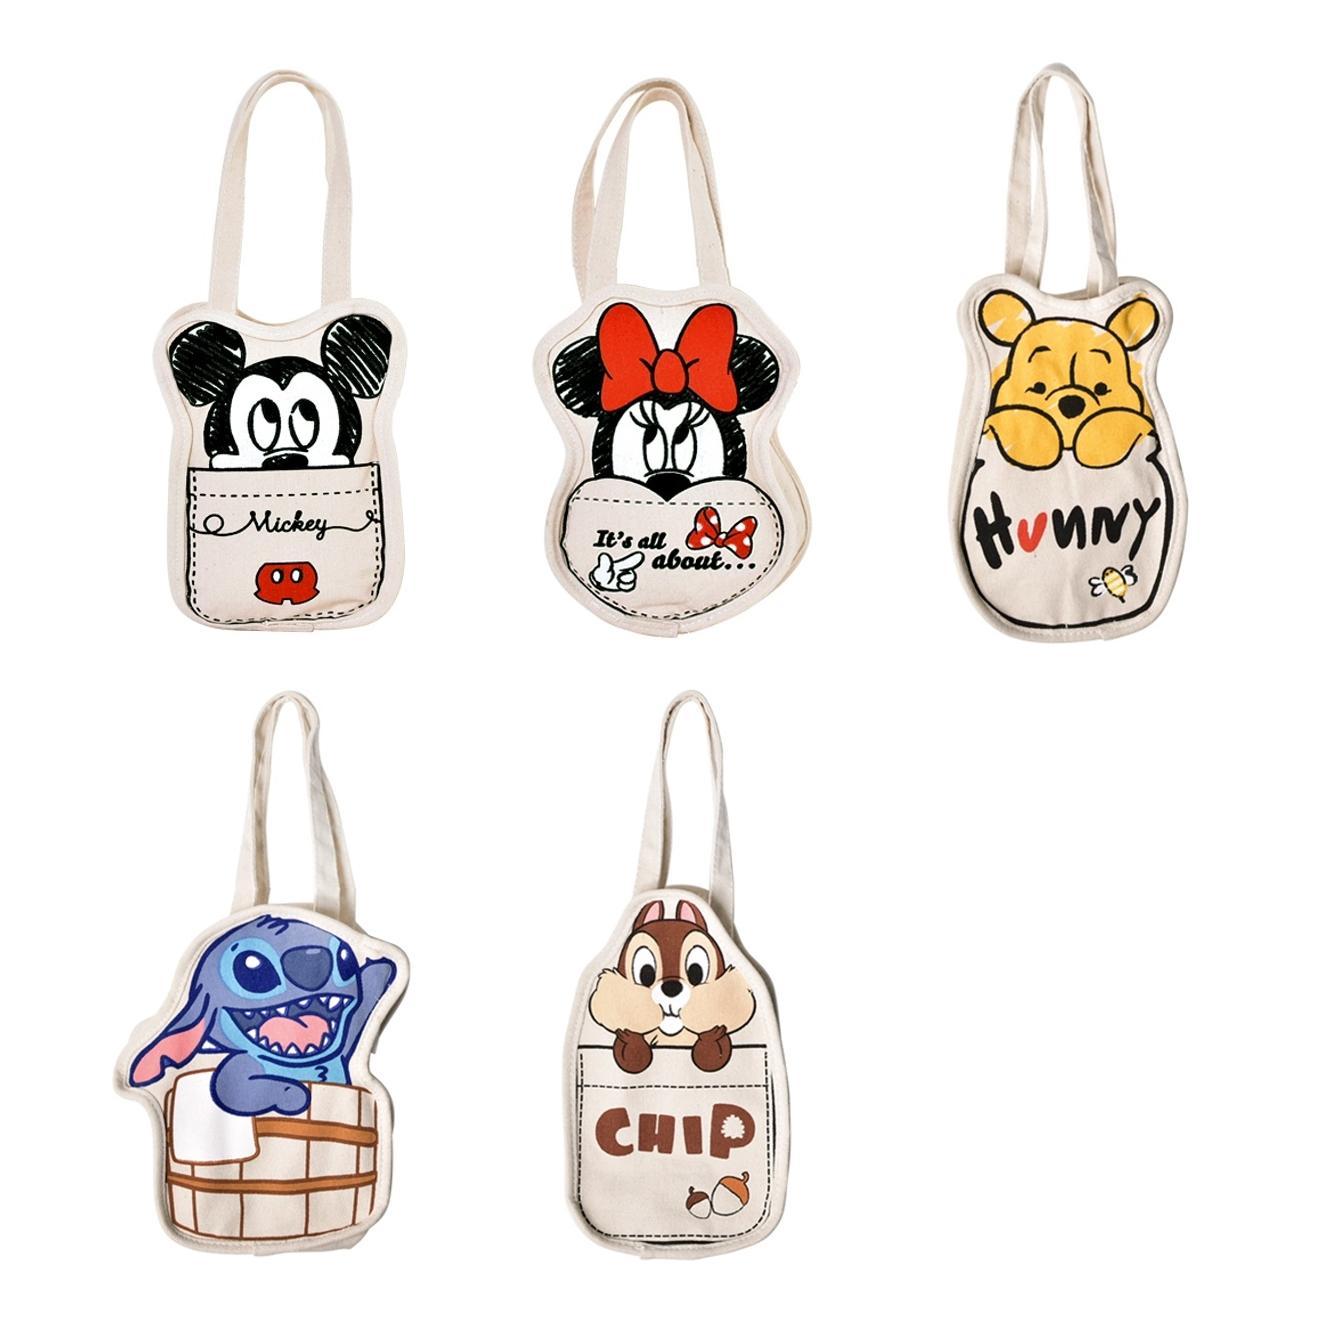 迪士尼授权饮料袋杯袋